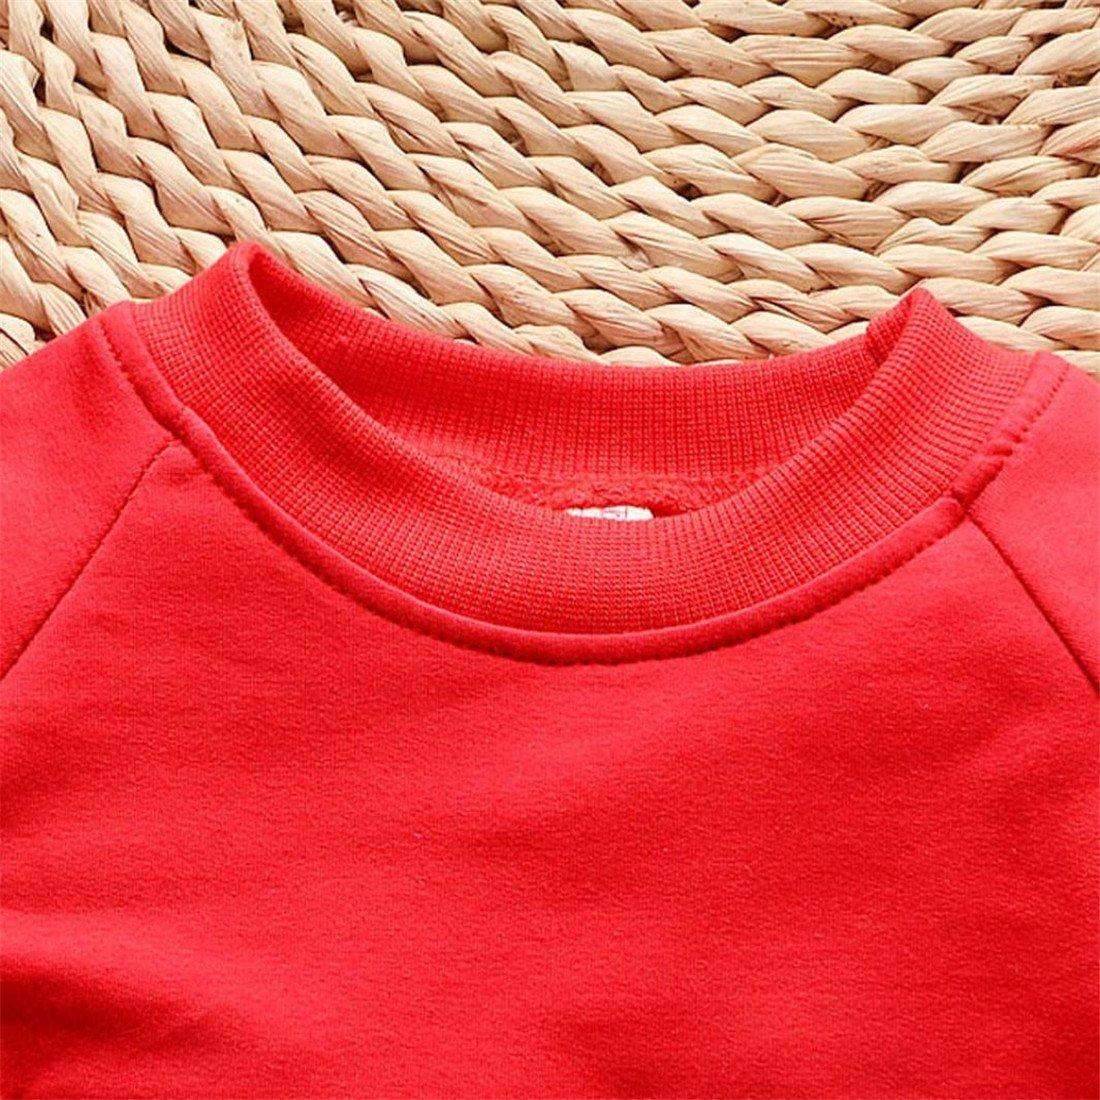 Hosen Kappe Outfits Kinder Pullover Set Kleinkind Btruely Unisex Kinderbekleidung Baby Clothes Set Winter Langarm Spielanzug 100, Licht Blau